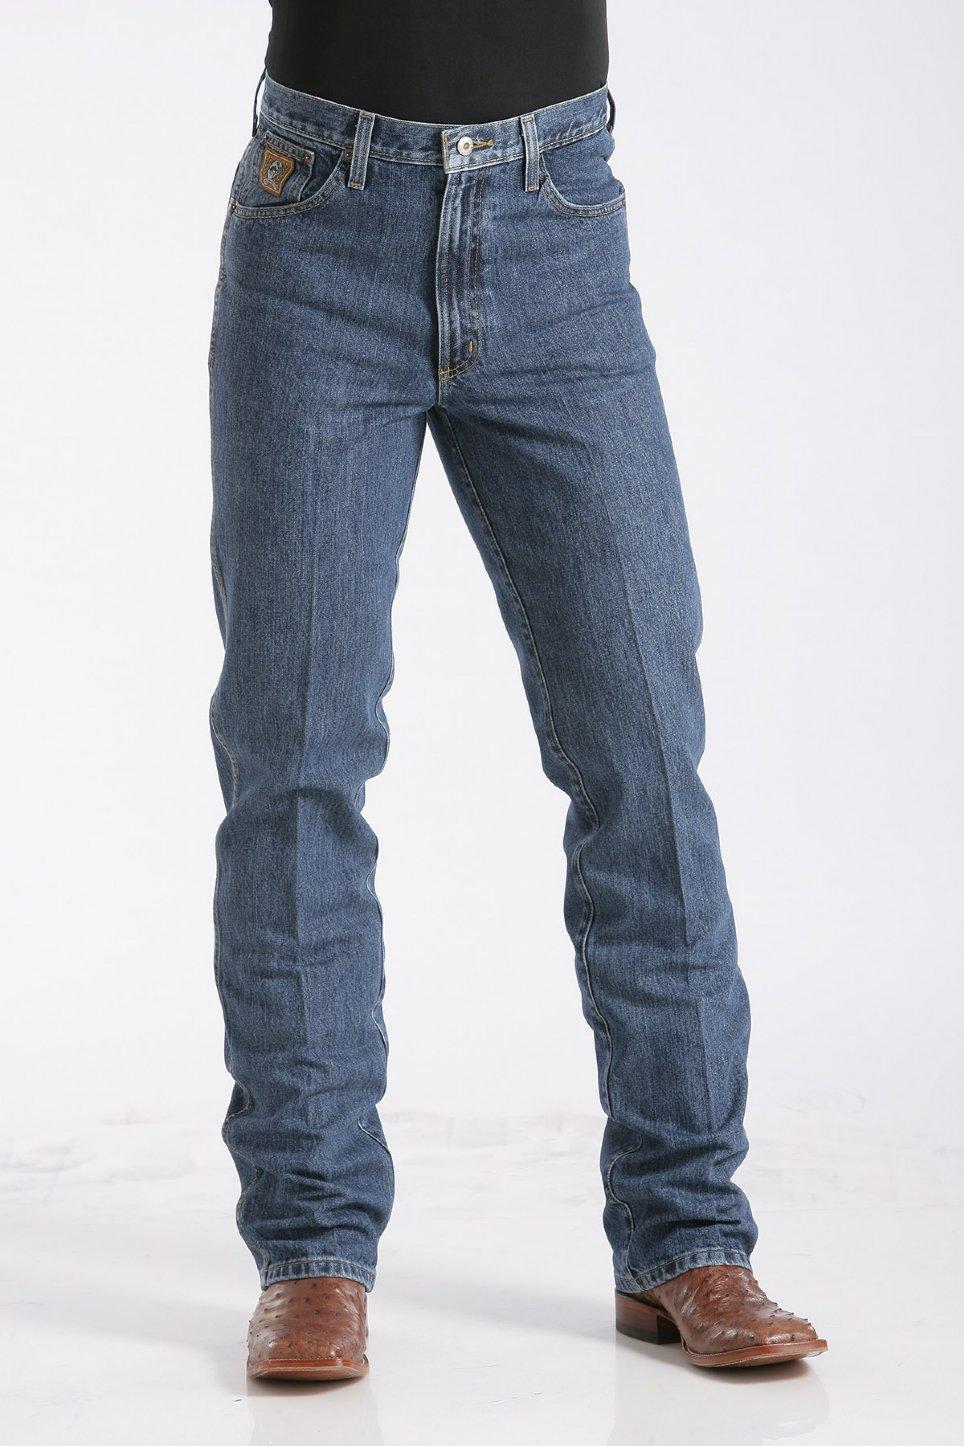 Calça Jeans Importada Cinch Bronze Label Escura